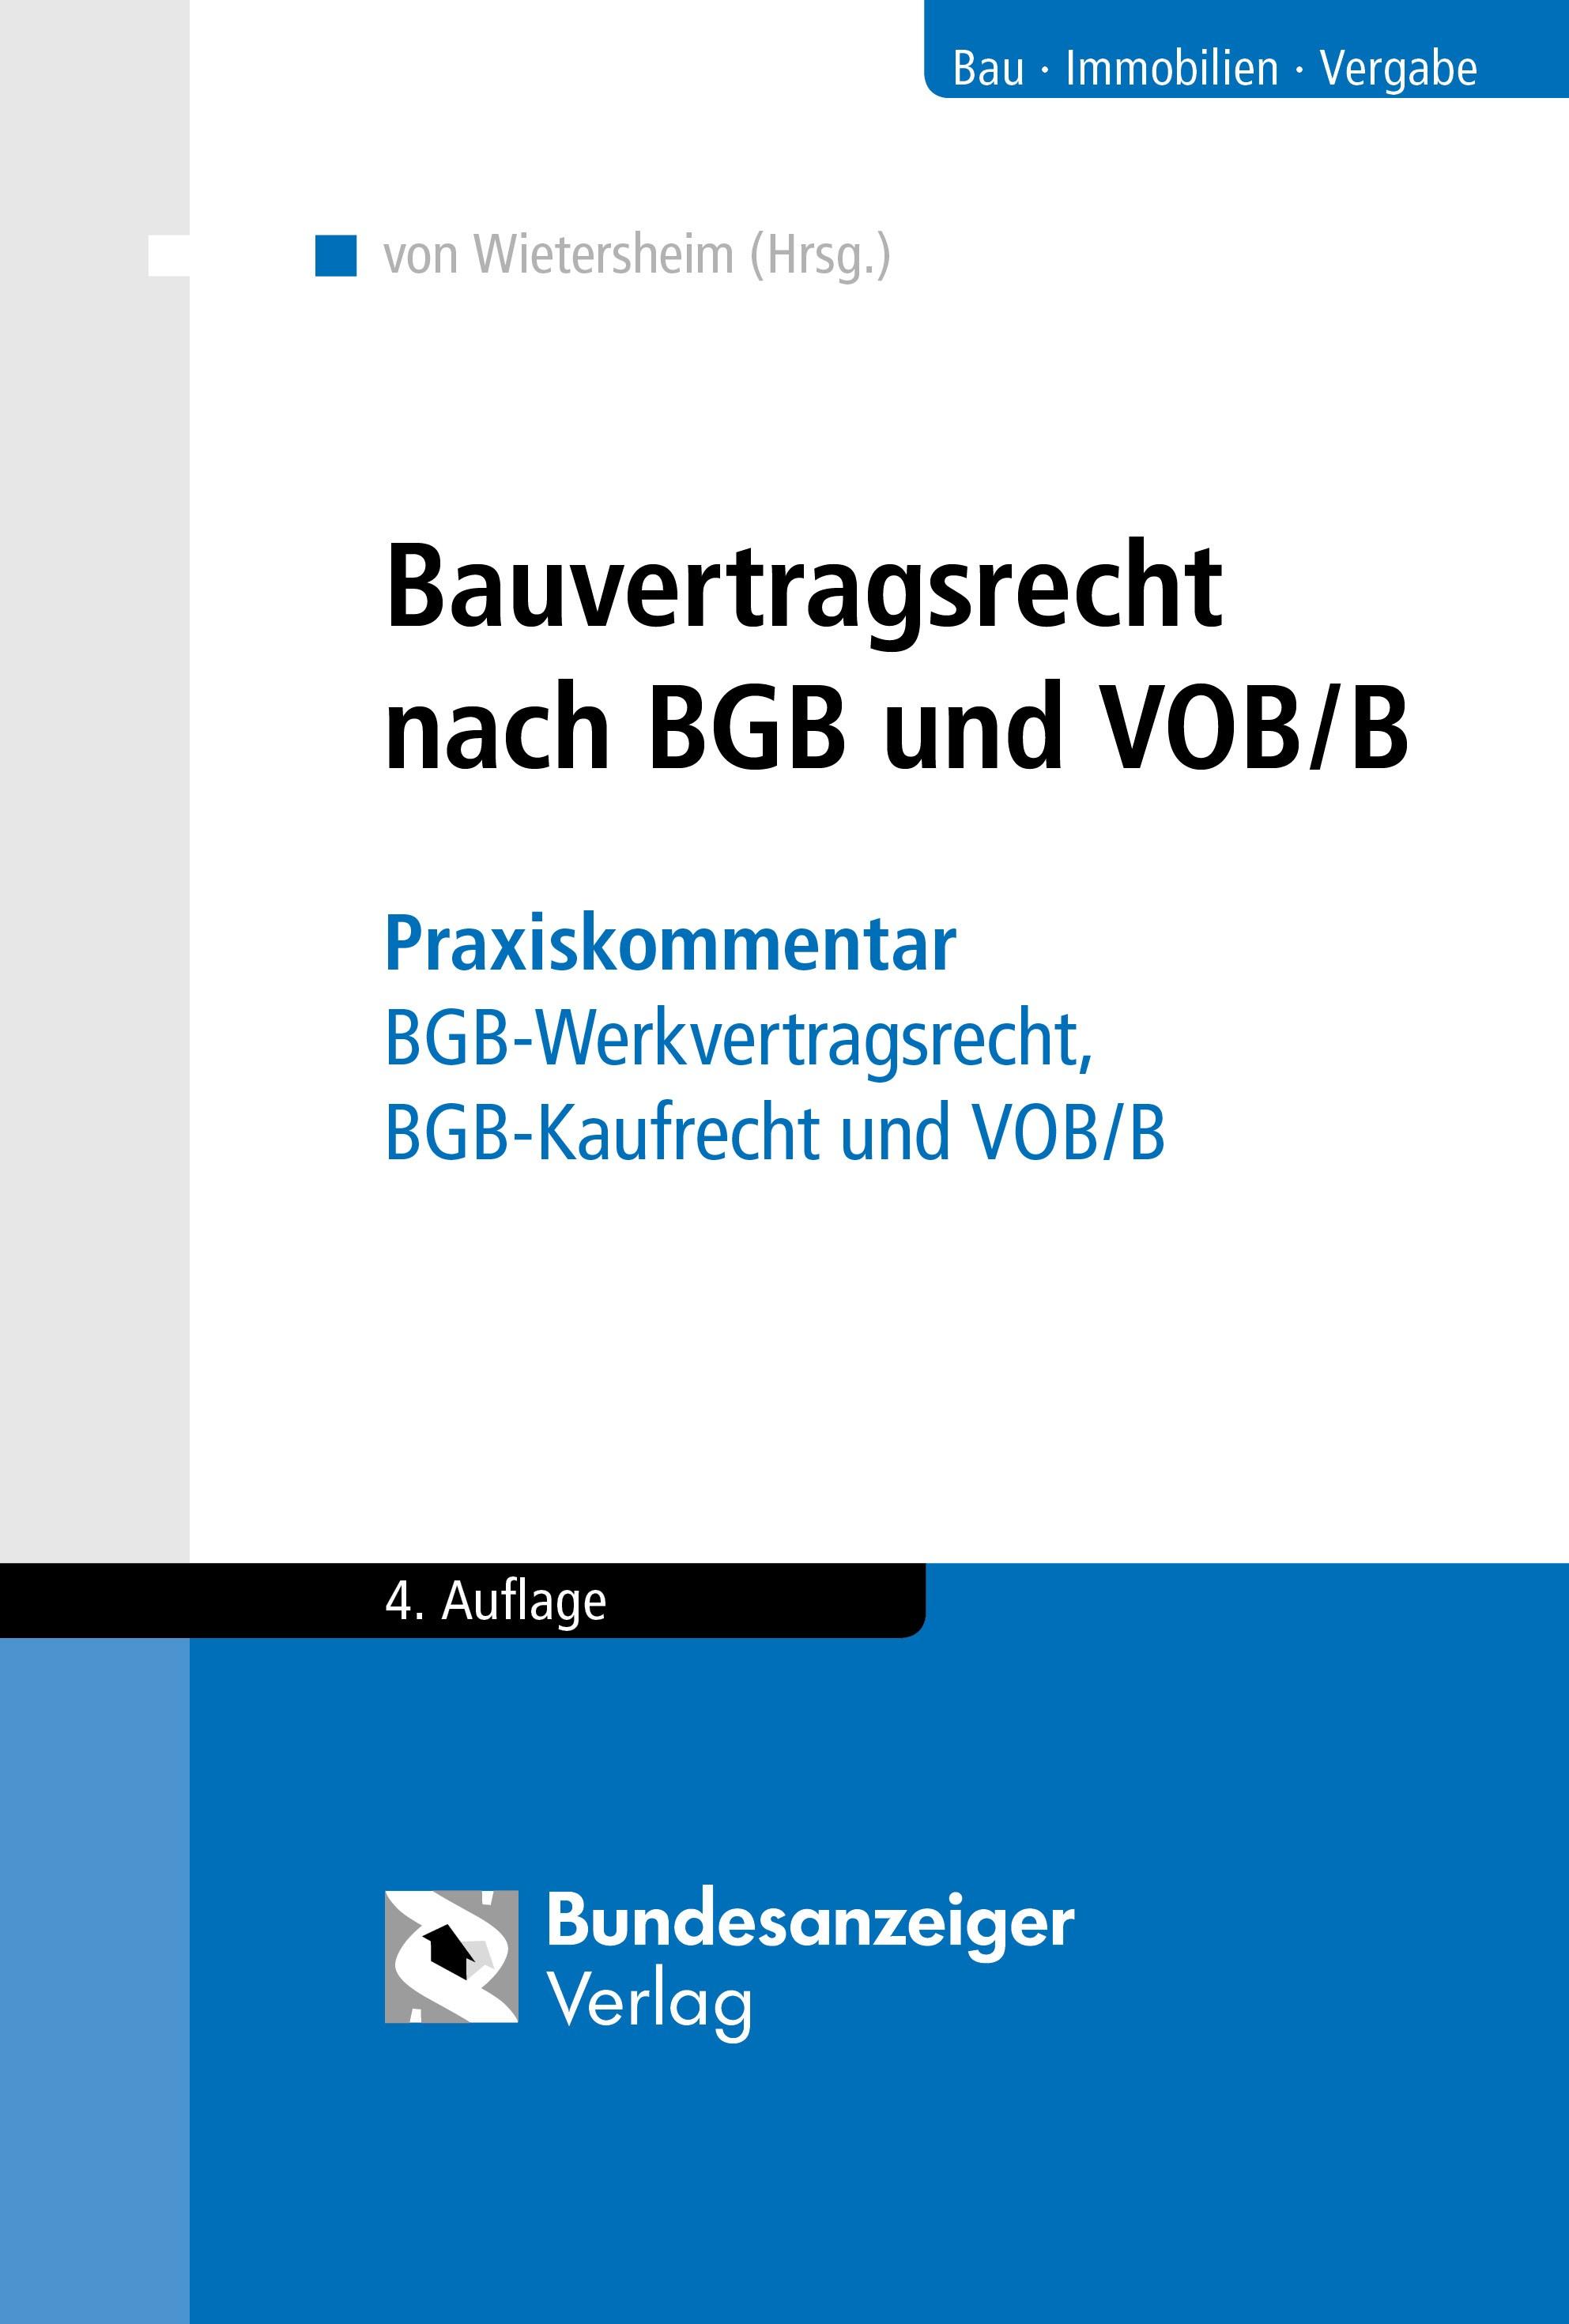 Bauvertragsrecht nach BGB und VOB/B | Wietersheim (Hrsg.) | 4., überarbeitete und aktualisierte Auflage., 2018 | Buch (Cover)